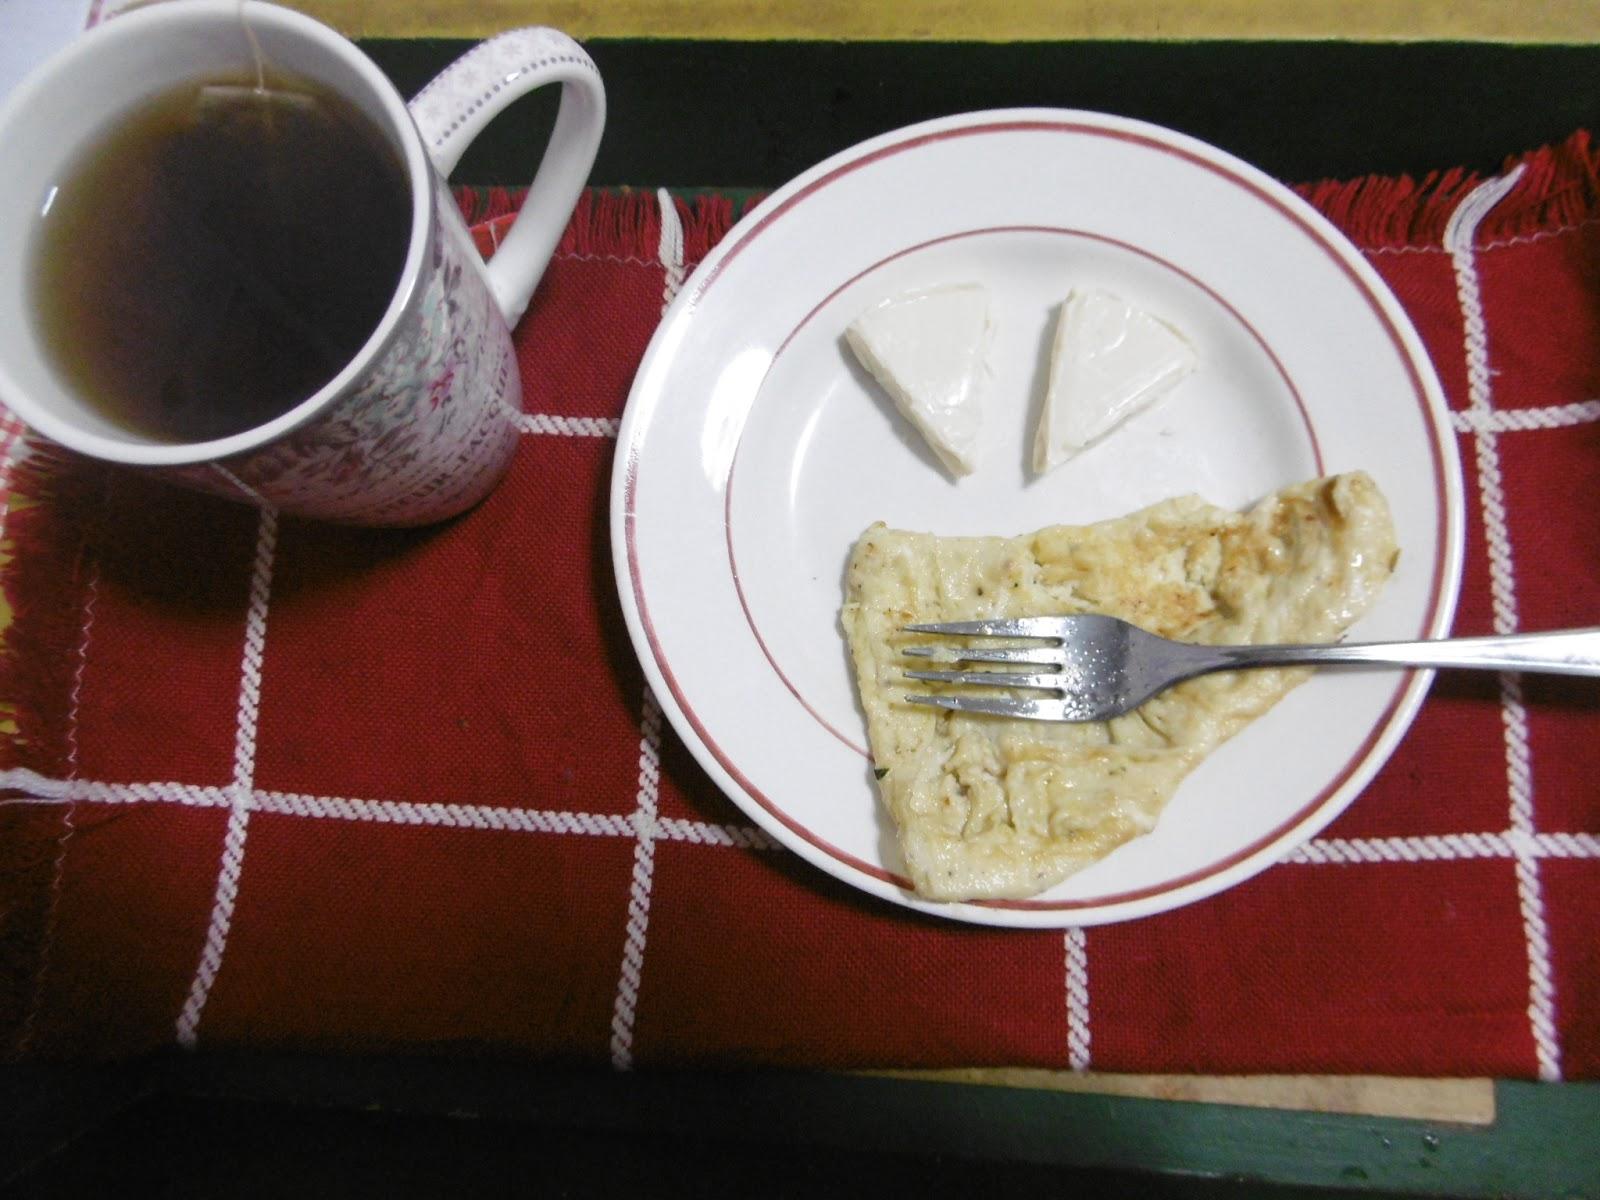 Pate de pollo con tostada en dieta disociada